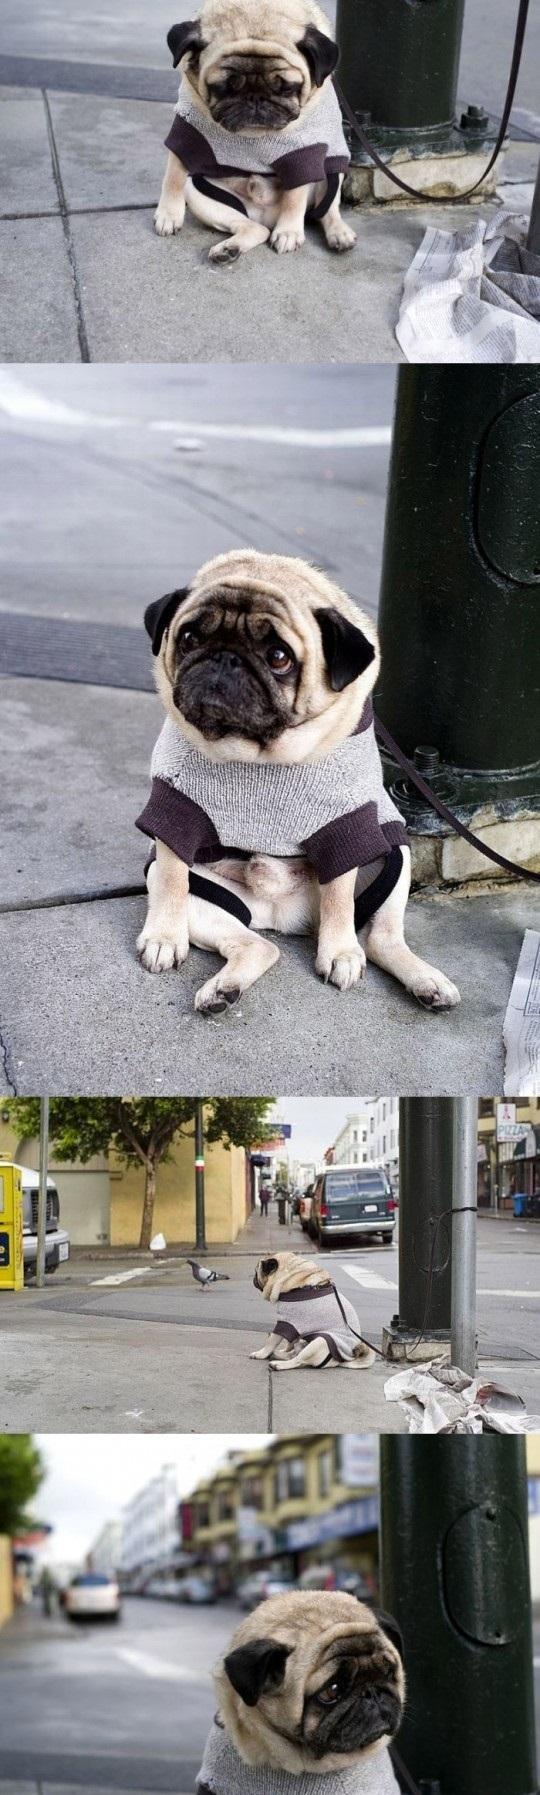 Depressed Pug Is Depressed